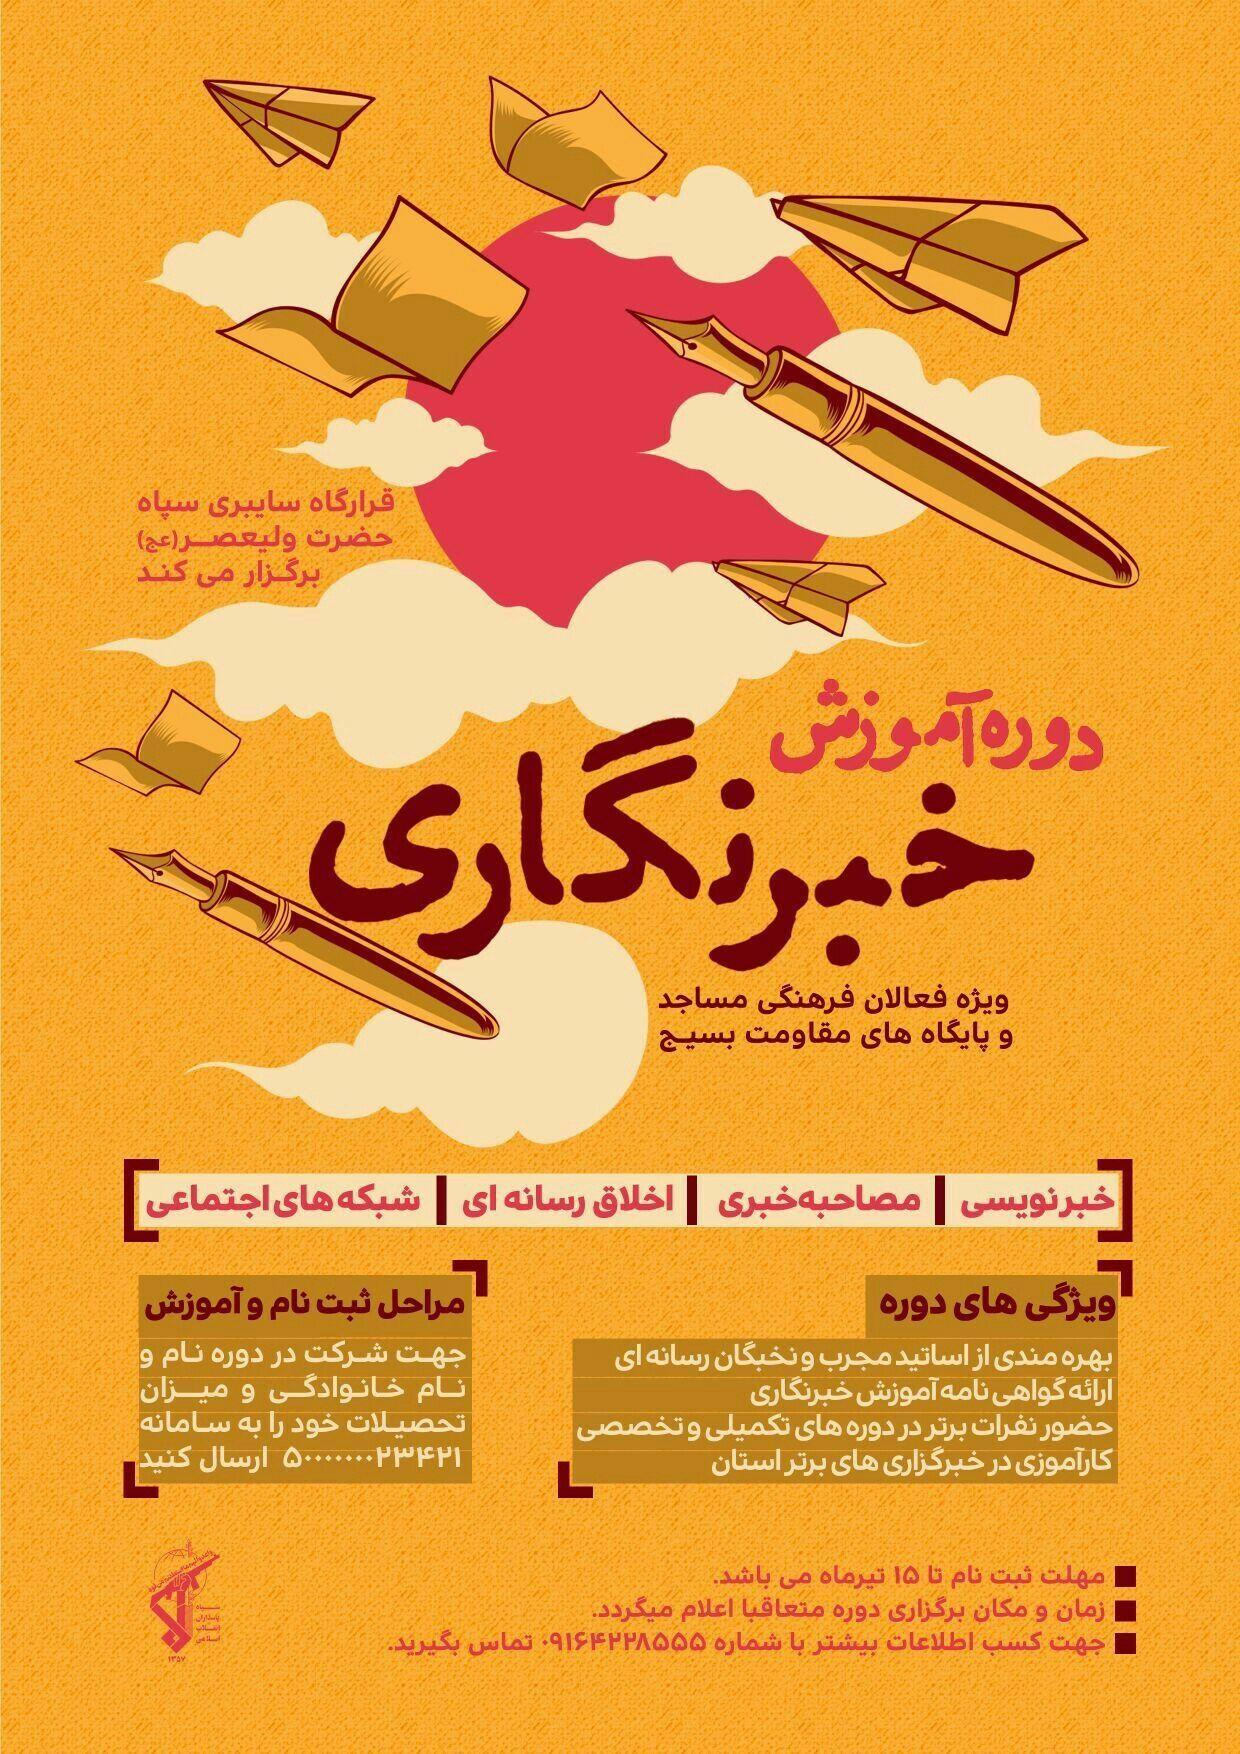 برگزاری دوره آشنایی با خبرنویسی در سطح استان خوزستان